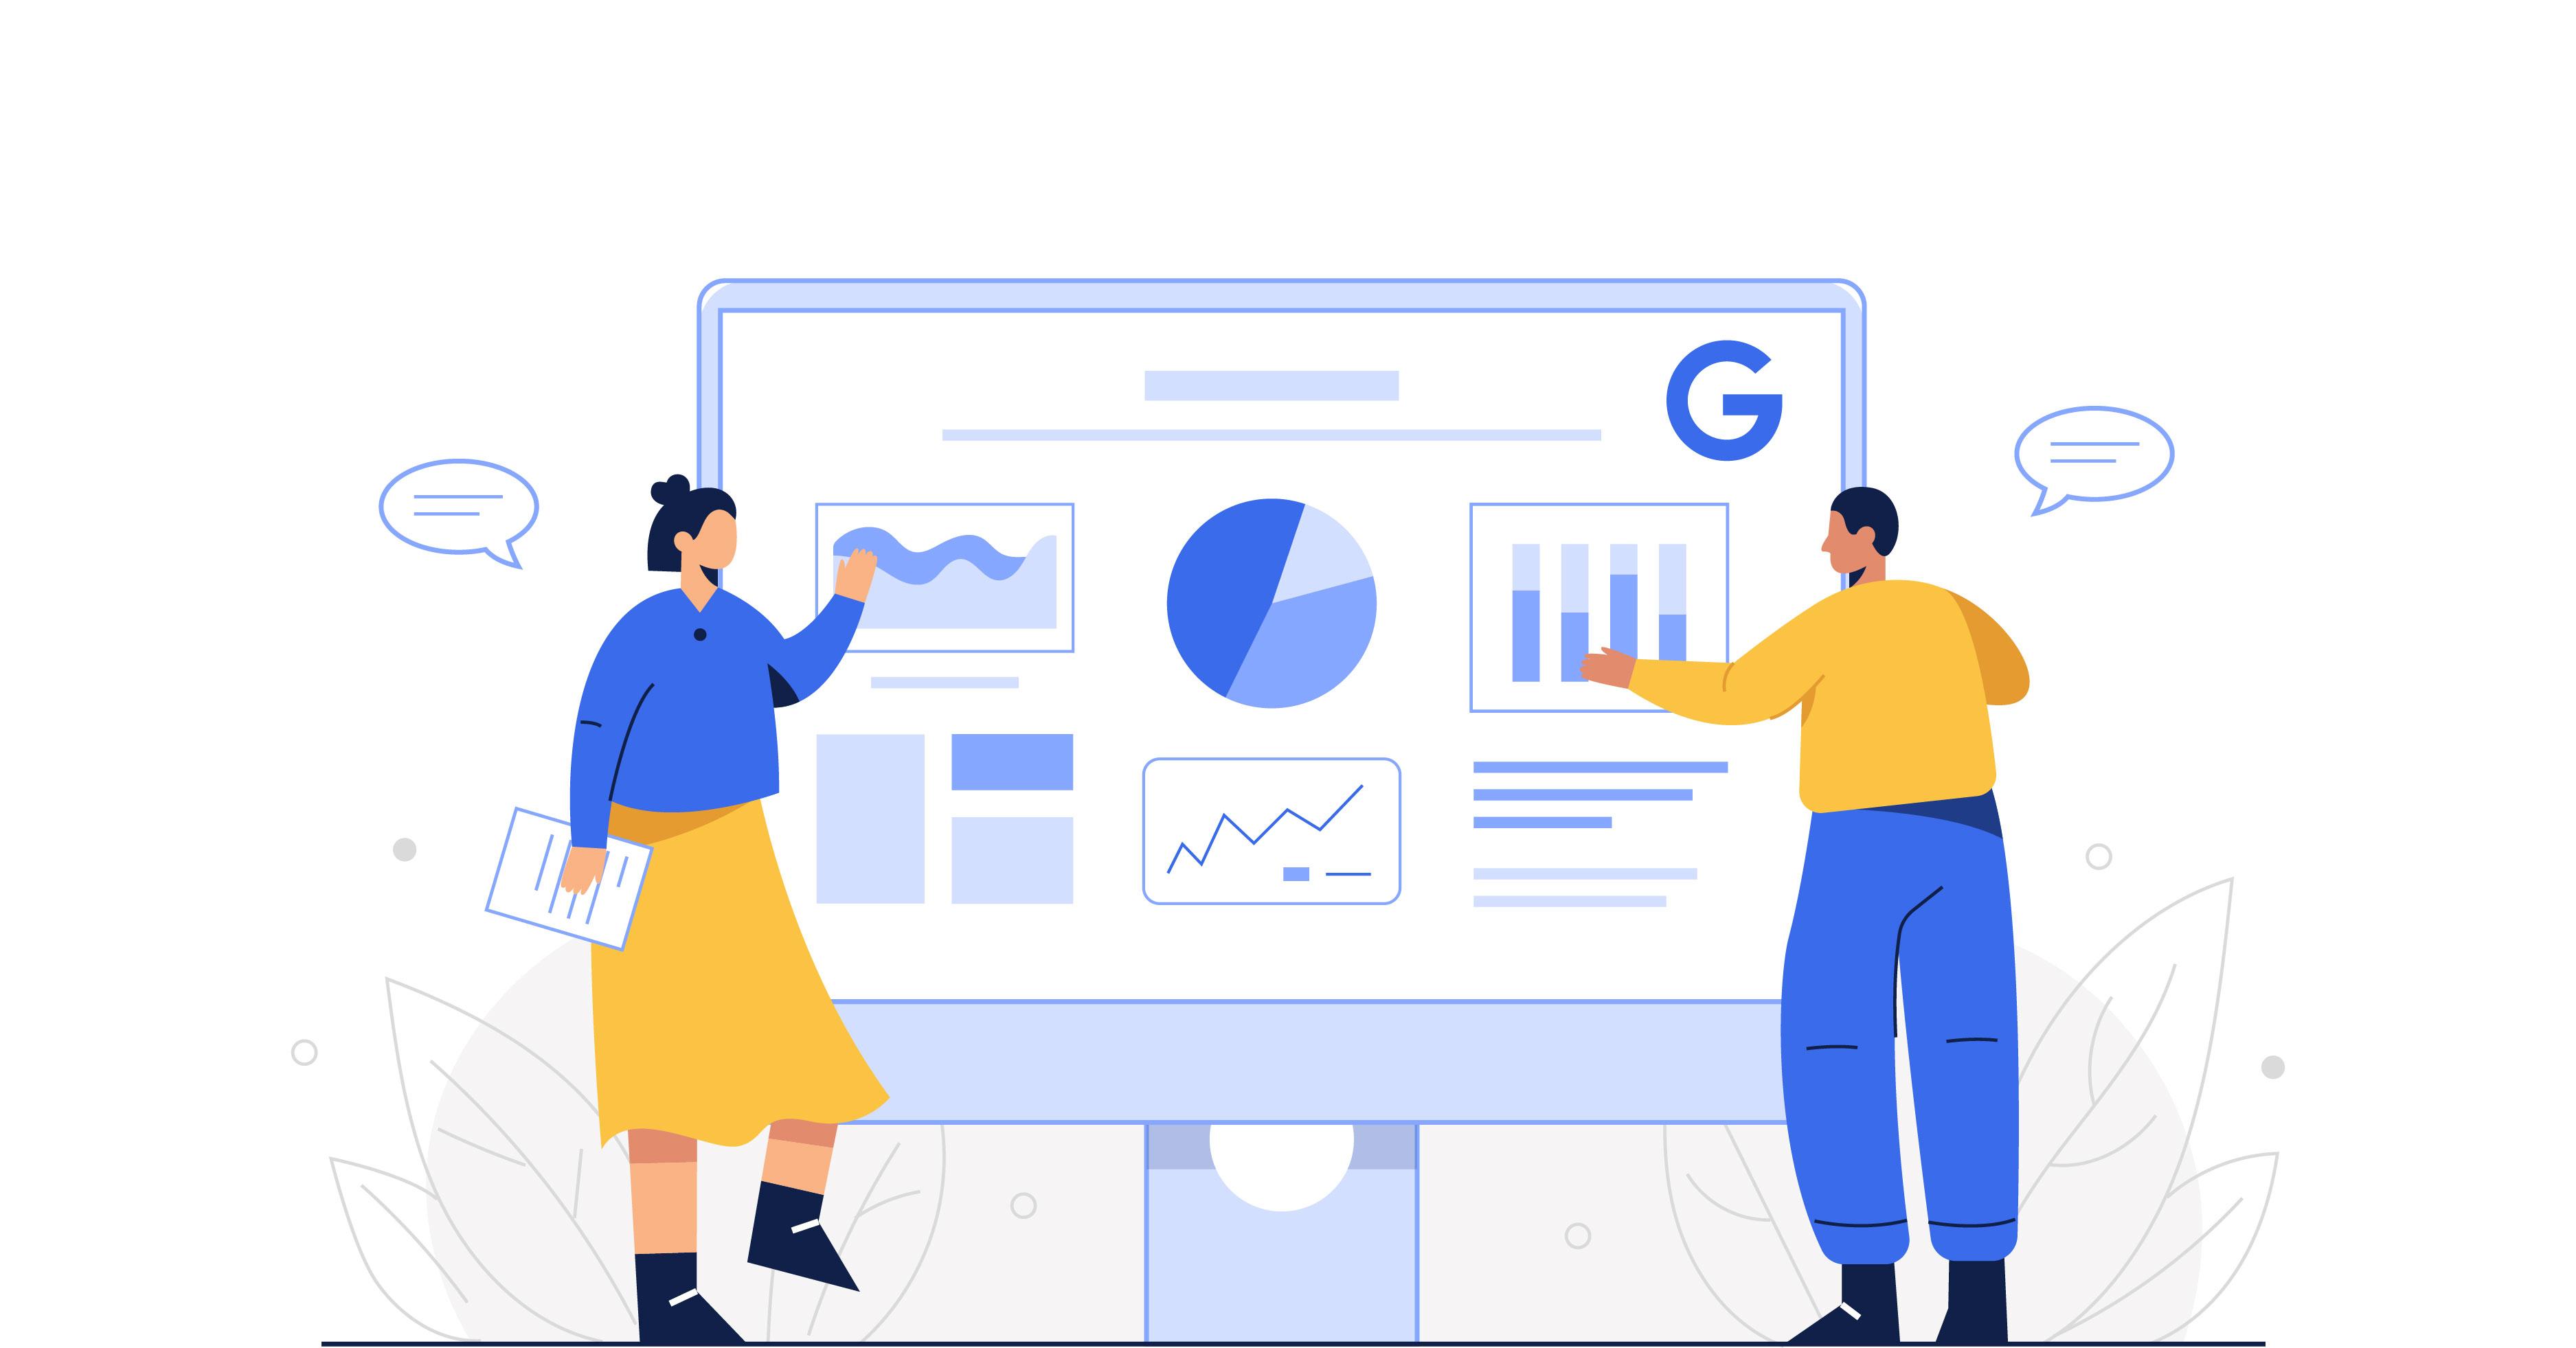 ¿Qué son los Core Web Vitals y cuál es su relación con el SEO?